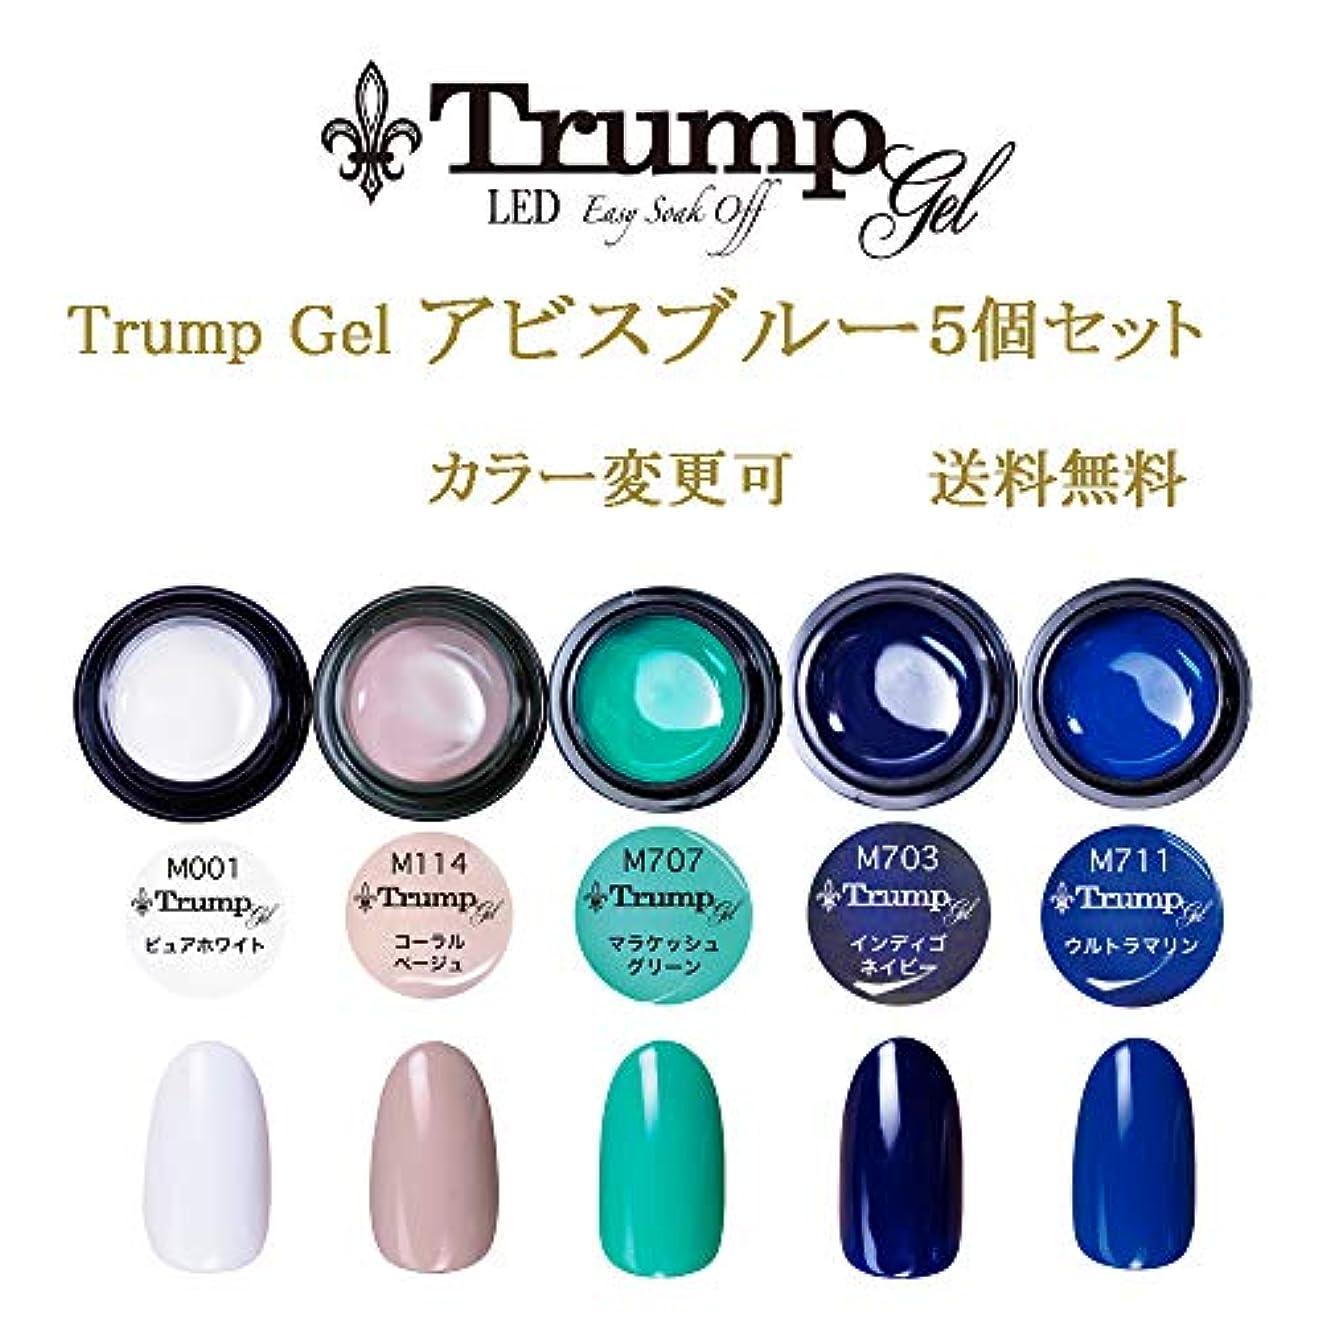 出力ワークショップ危機日本製 Trump gel トランプジェル アビスブルーカラー 選べる カラージェル 5個セット ブルー ベージュ ターコイズ